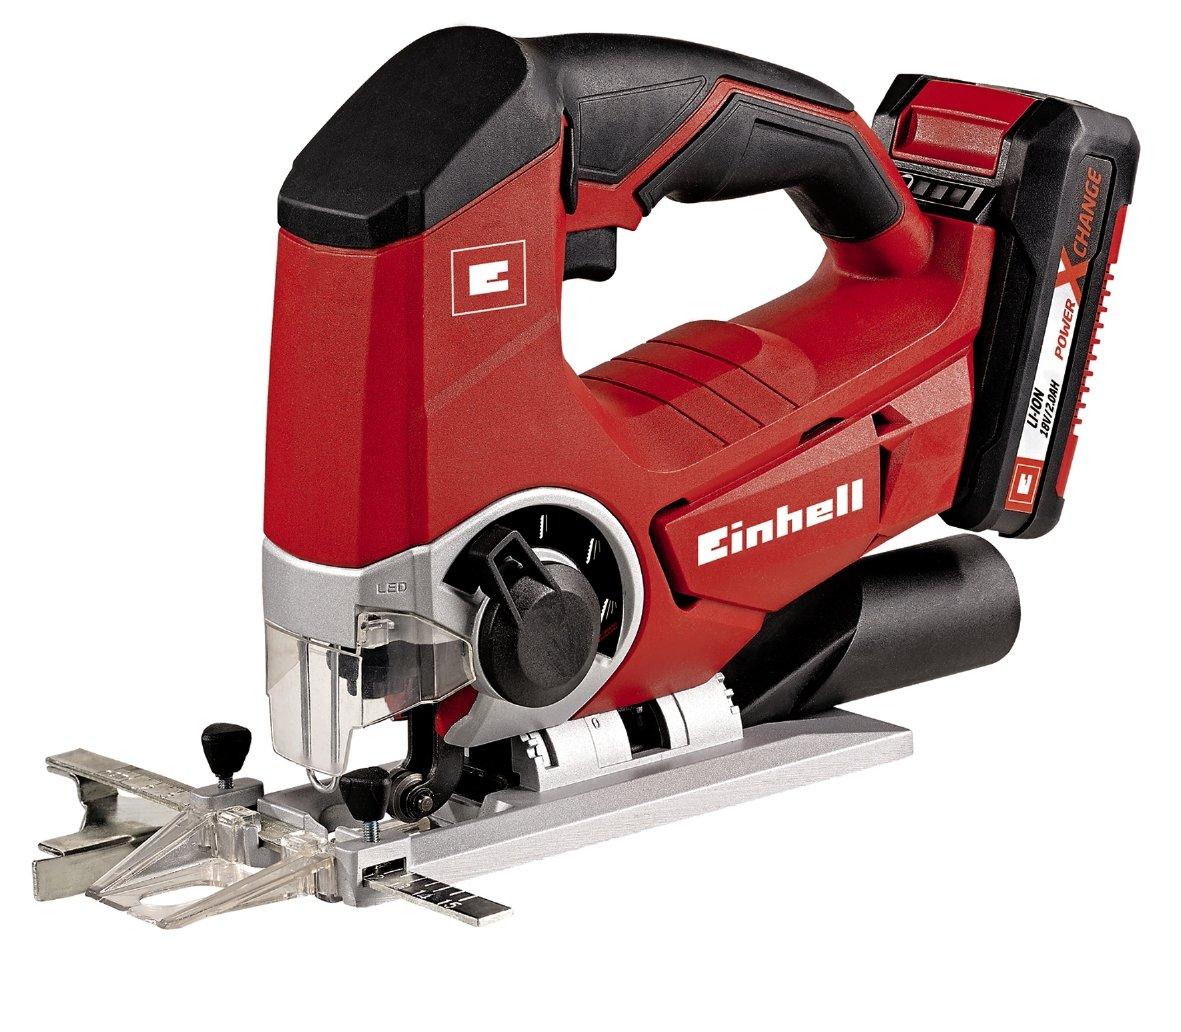 Einhell 4321203 Kit con sierra de calar, batería y cargador, 0 W, 0 V, Negro, Rojo, 2.0 Ah